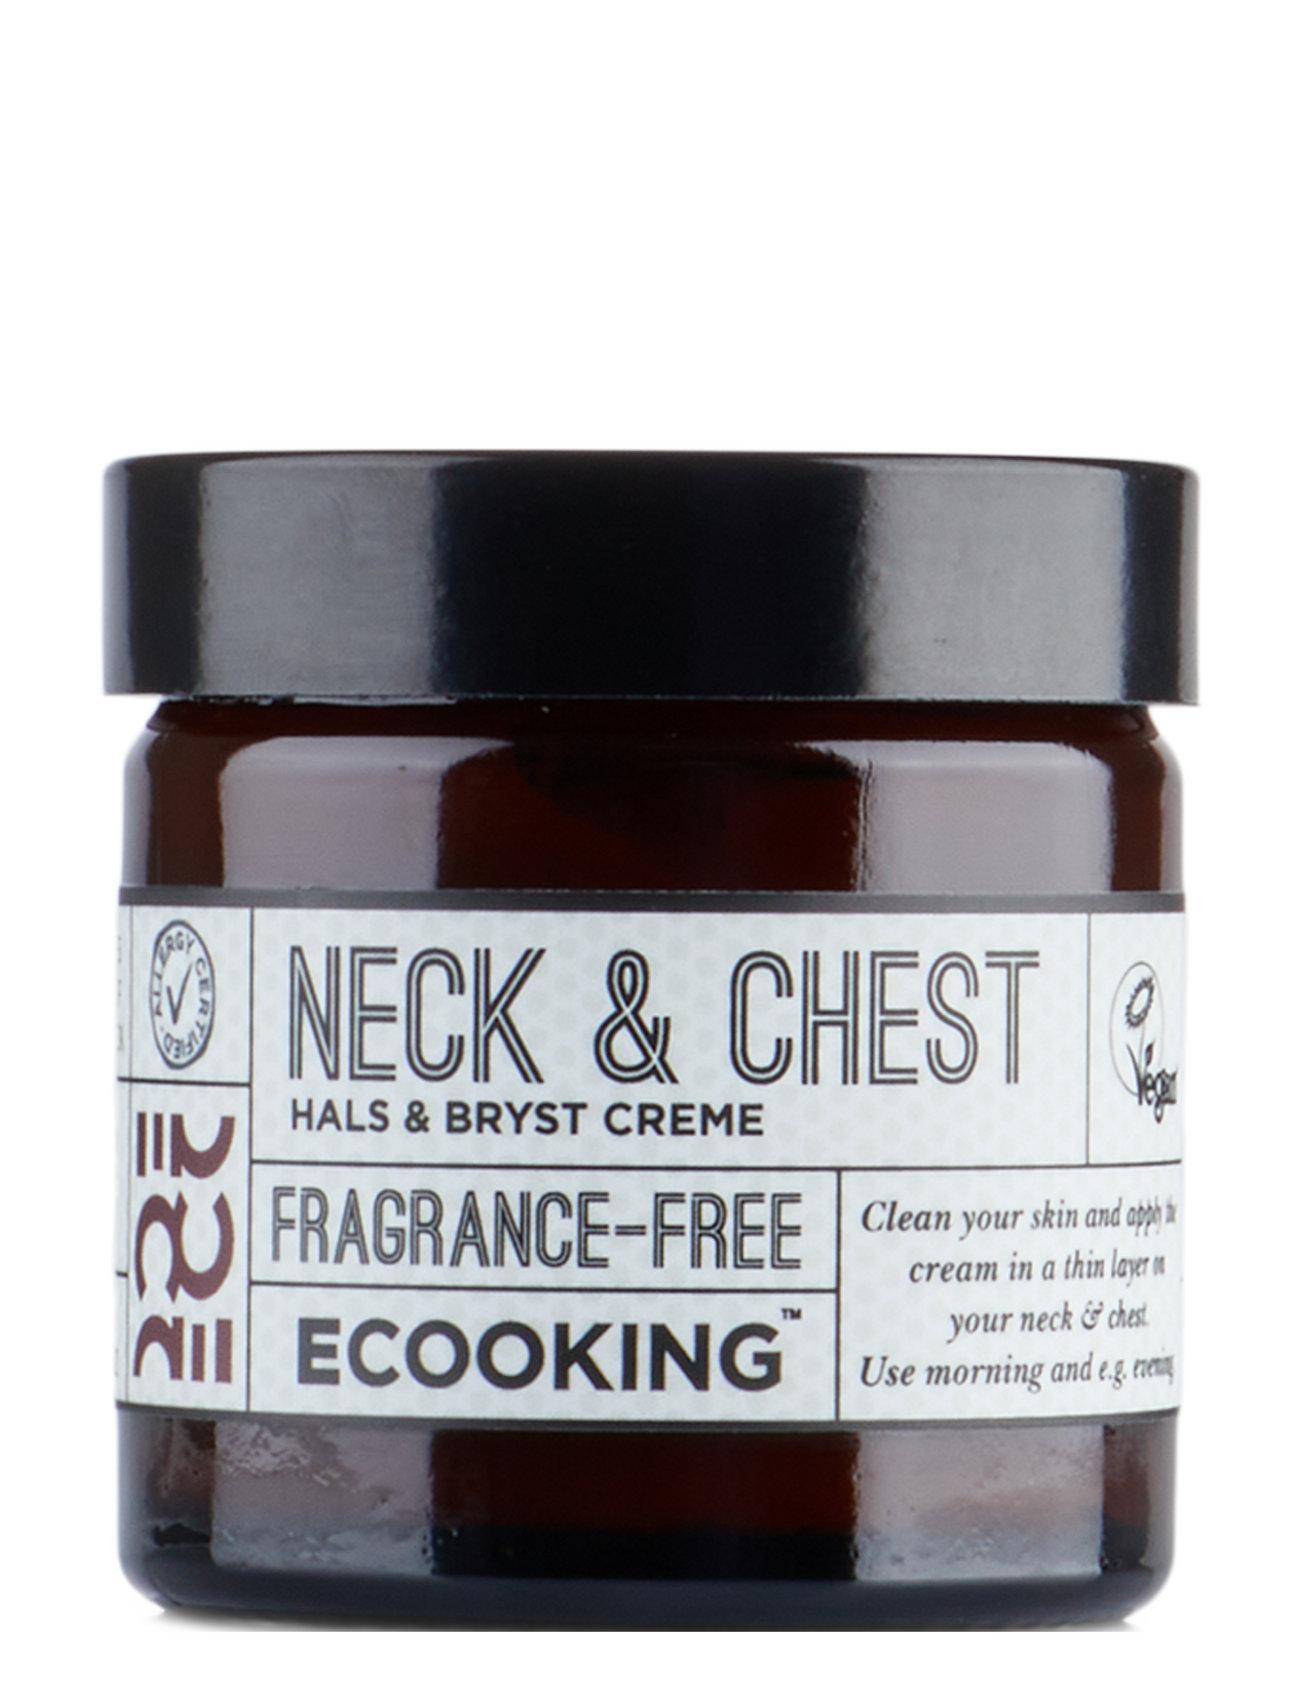 Ecooking Neck & Decolleté Creme - CLEAR